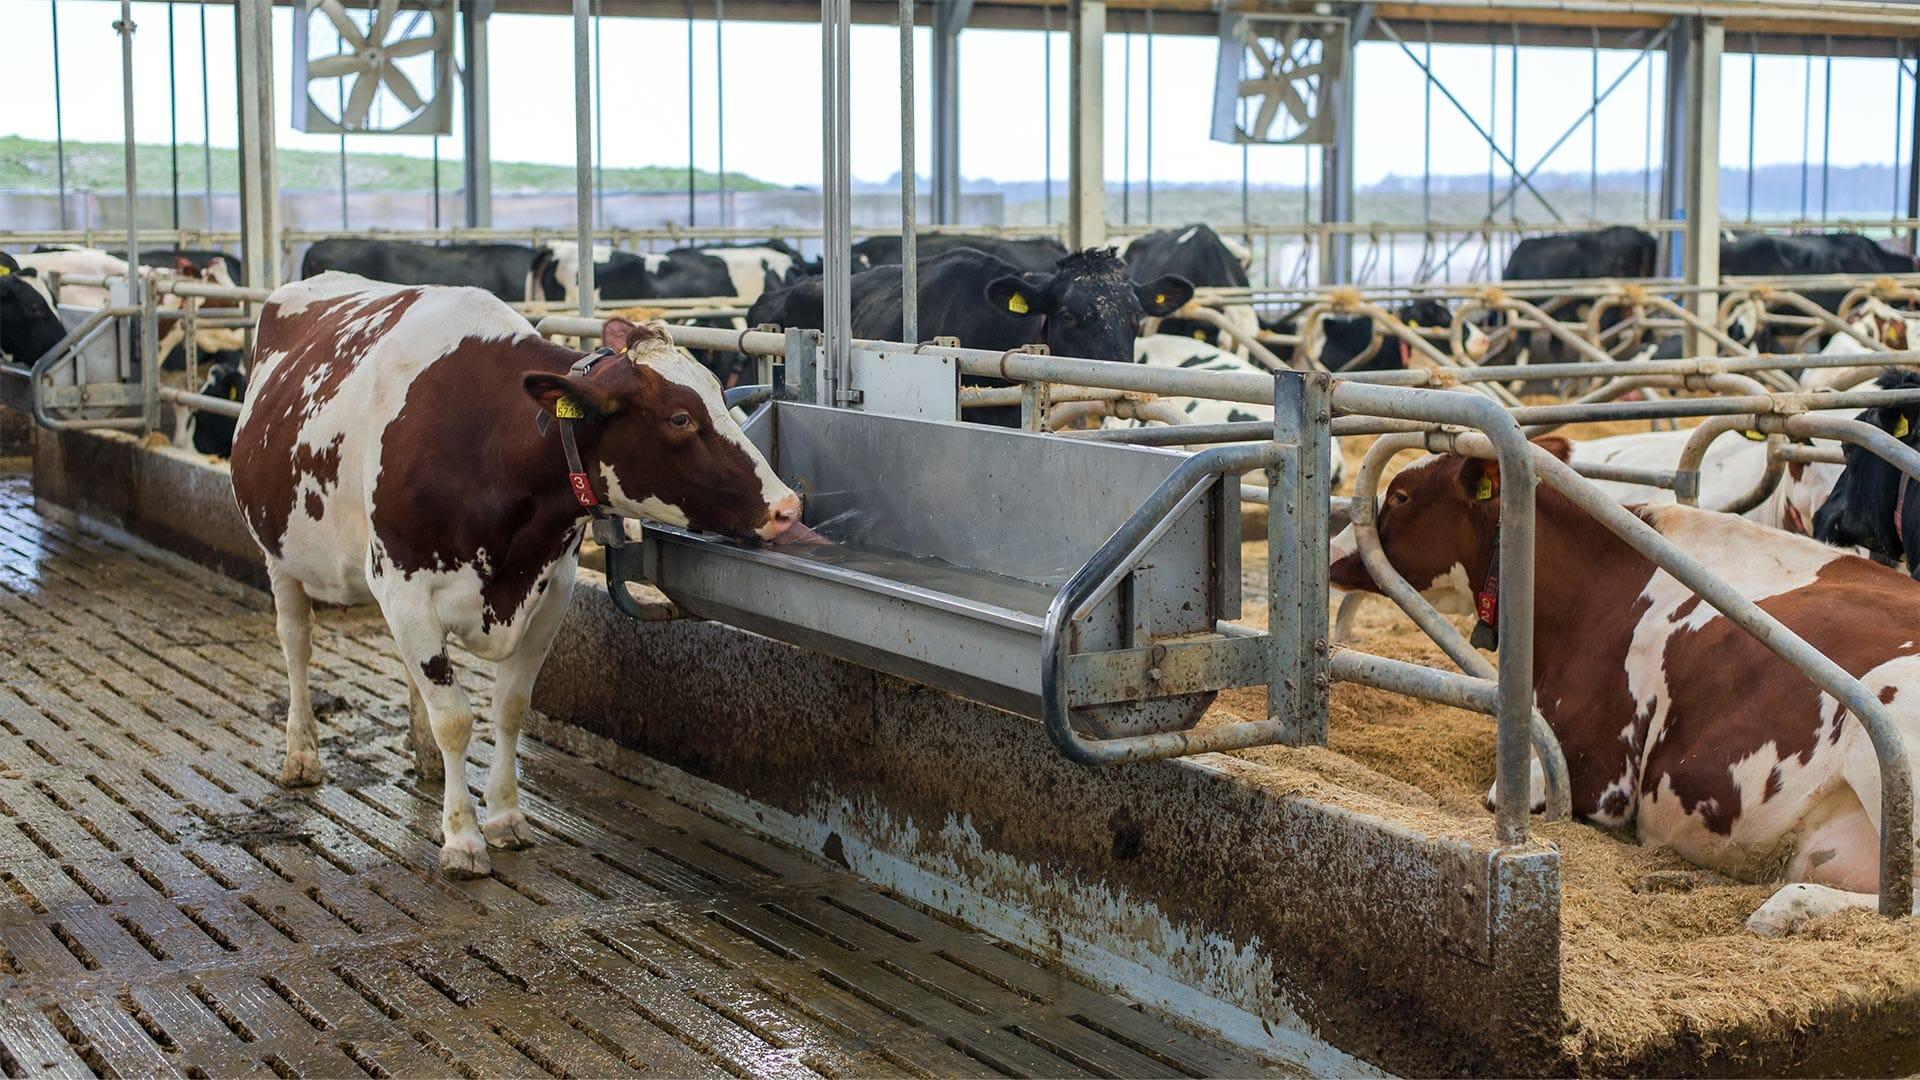 Potabilisation de l'eau en élevage laitier